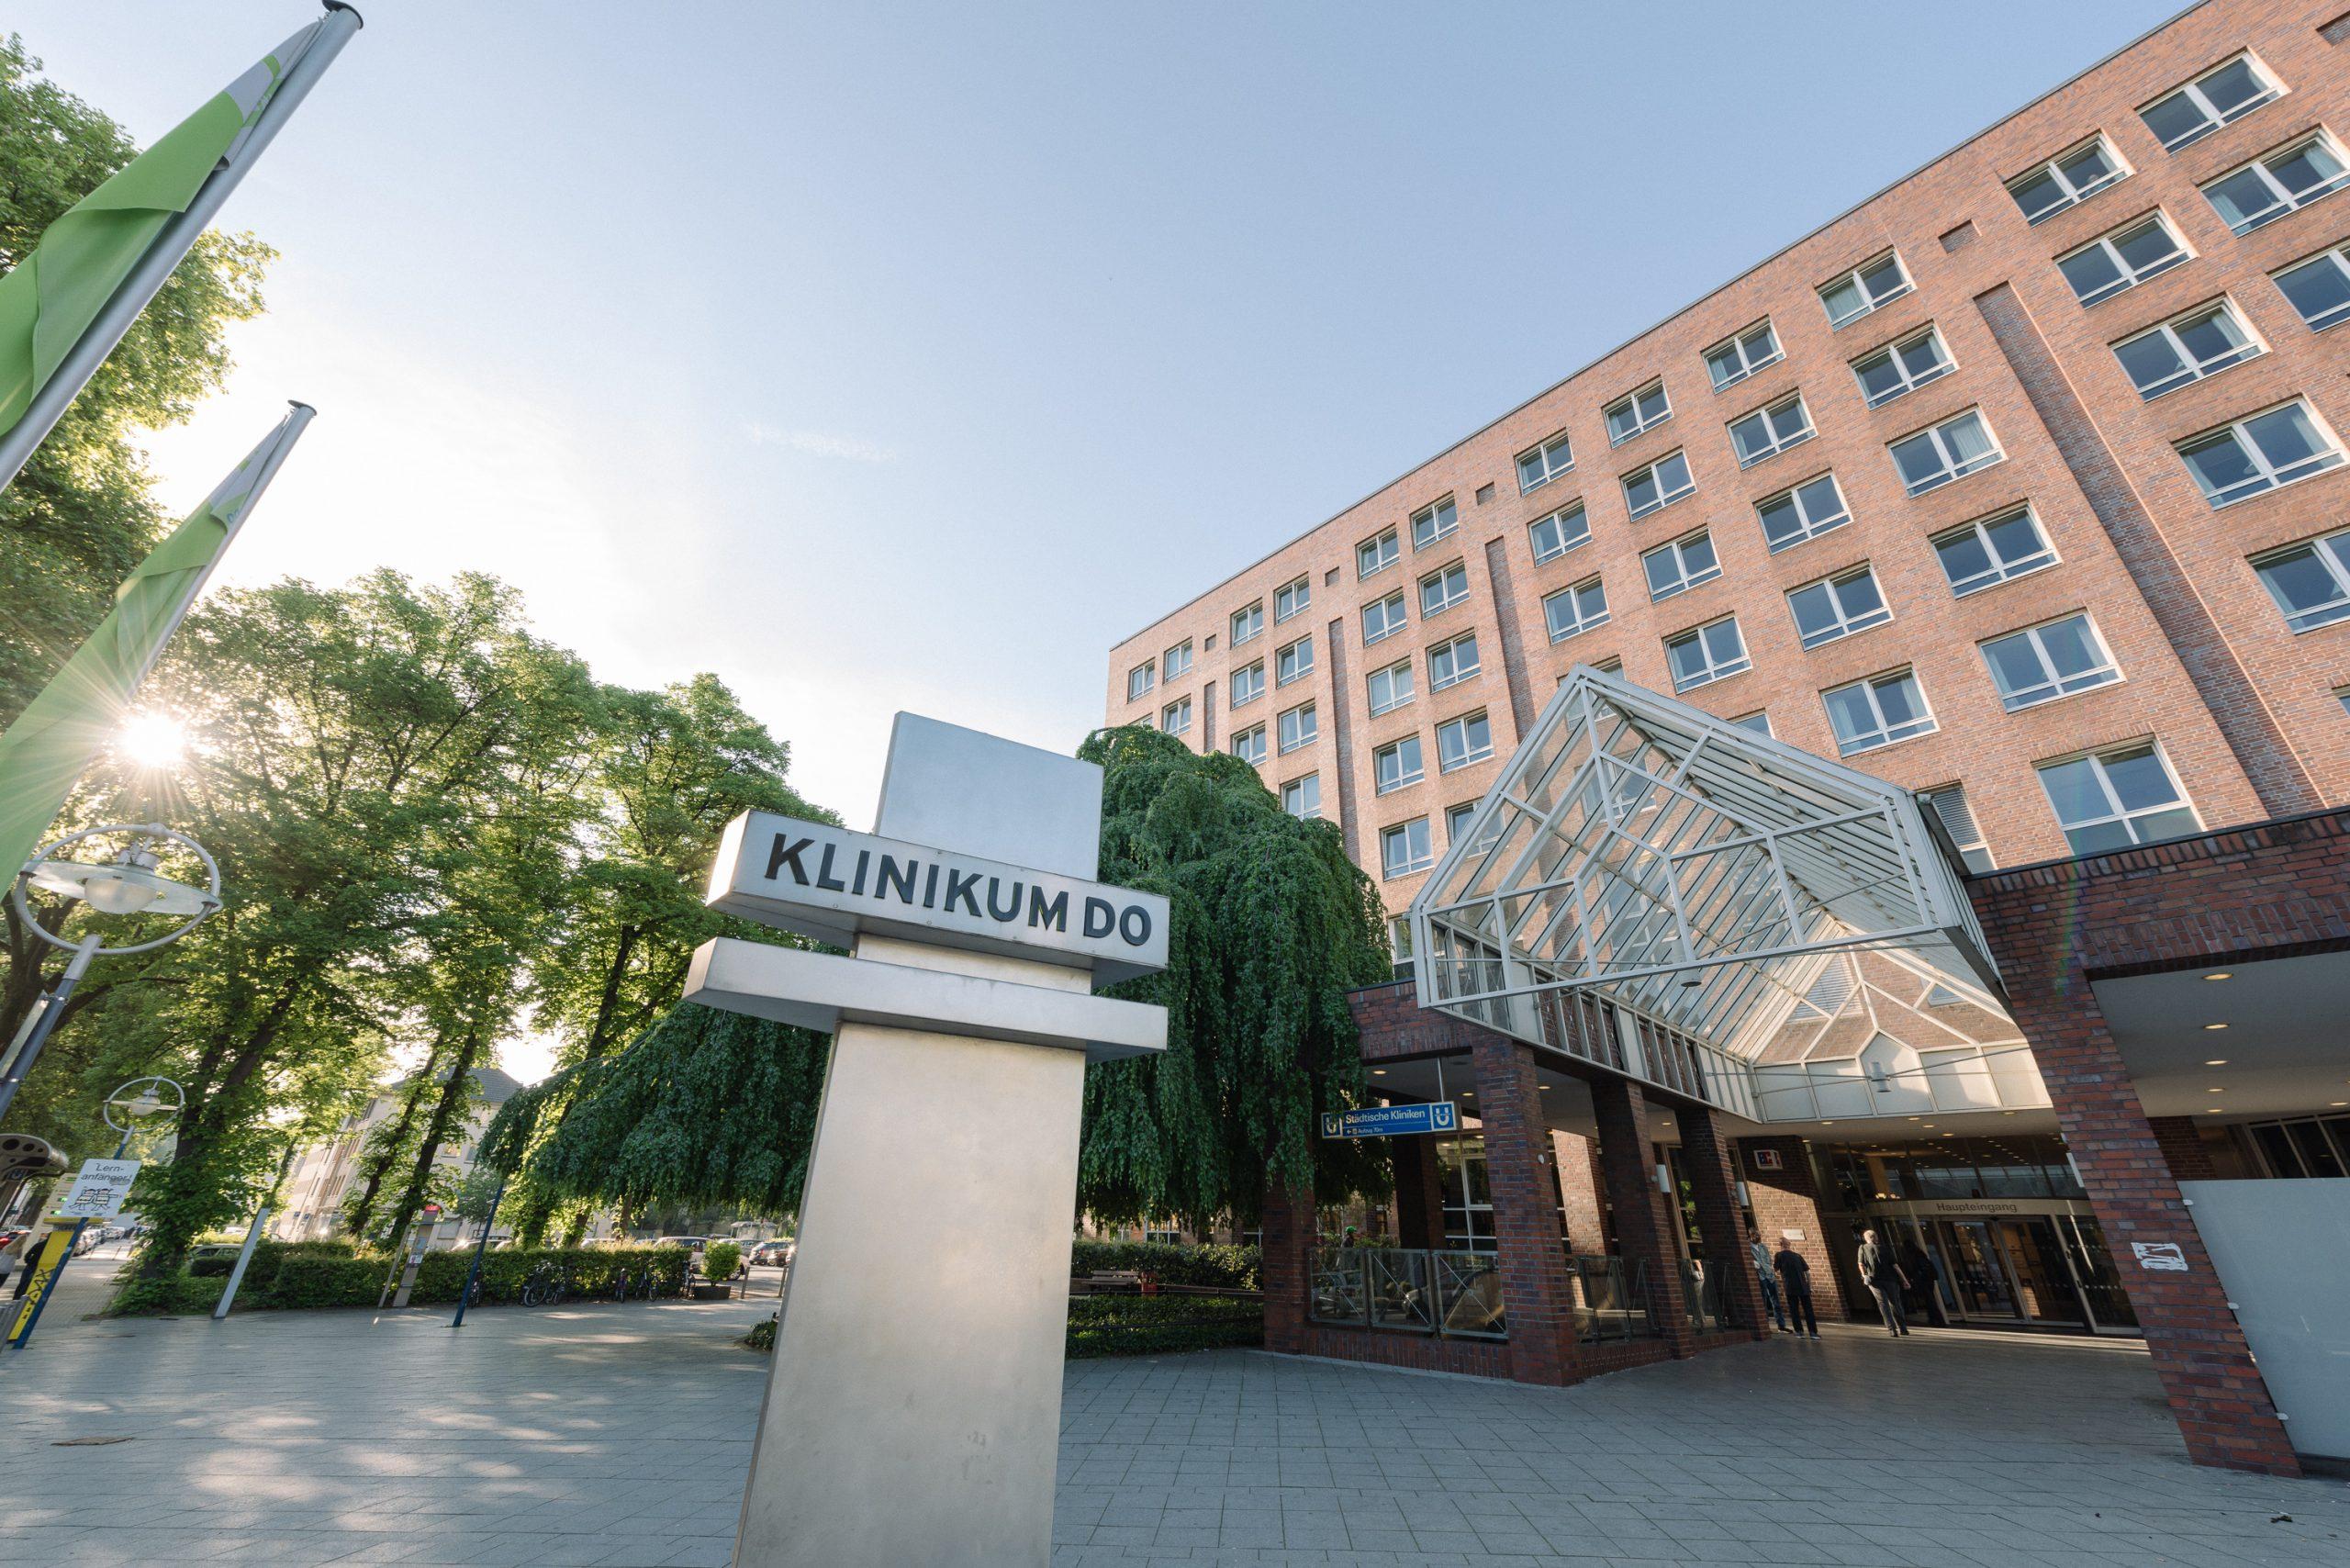 Außenansicht des Klinikums Dortmund